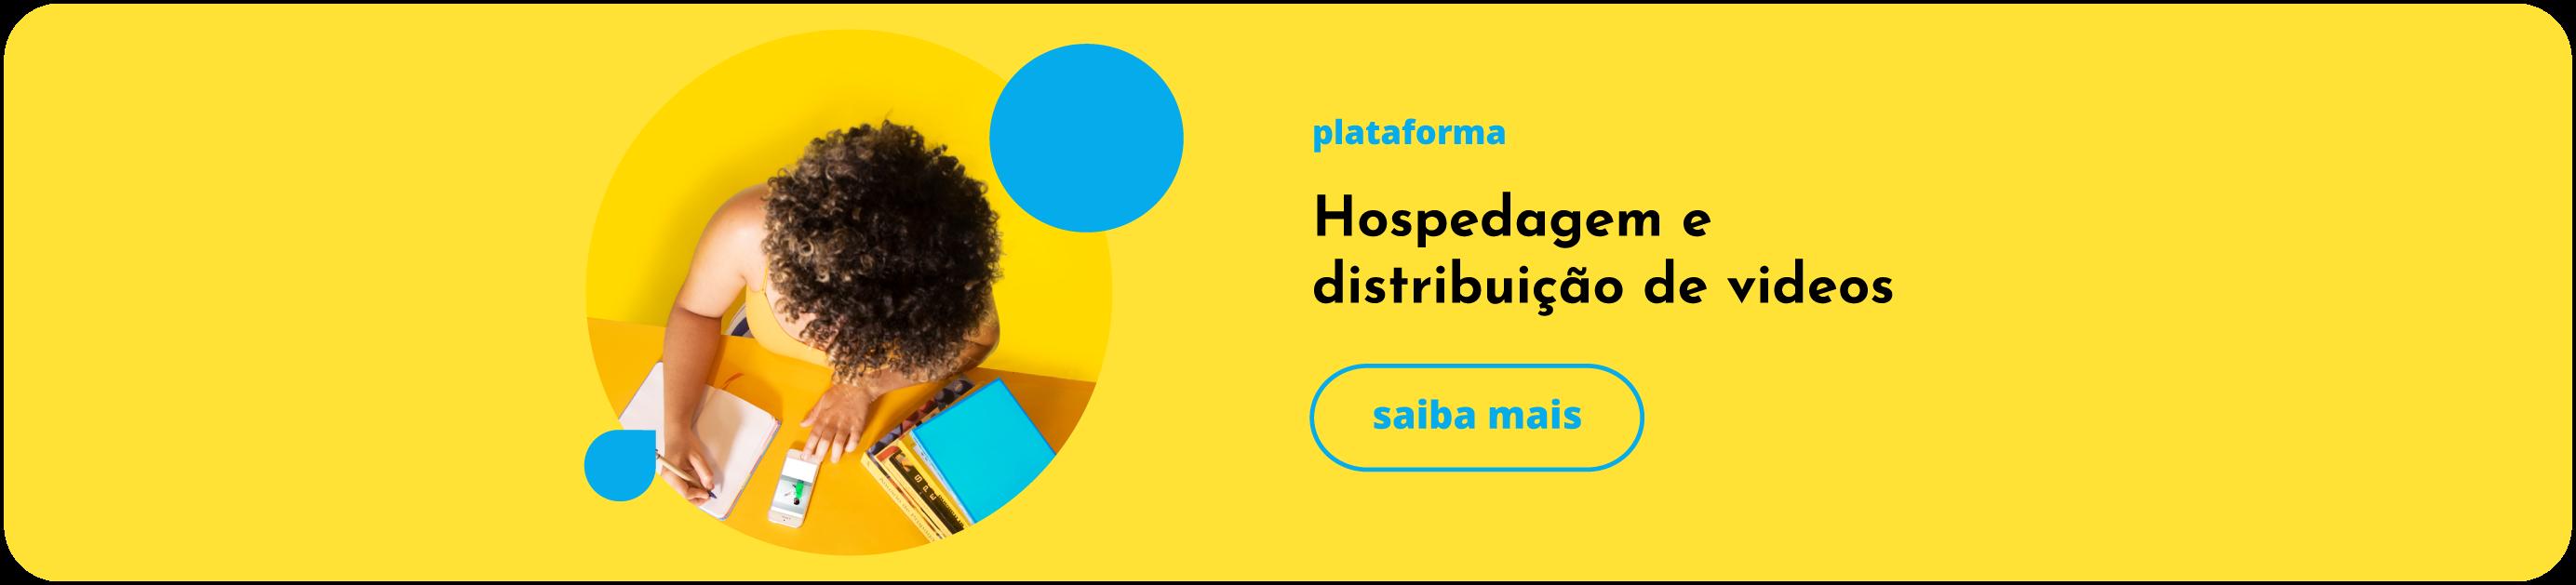 Plataforma de Hospedagem e Distribuição de Vídeos Sambatech